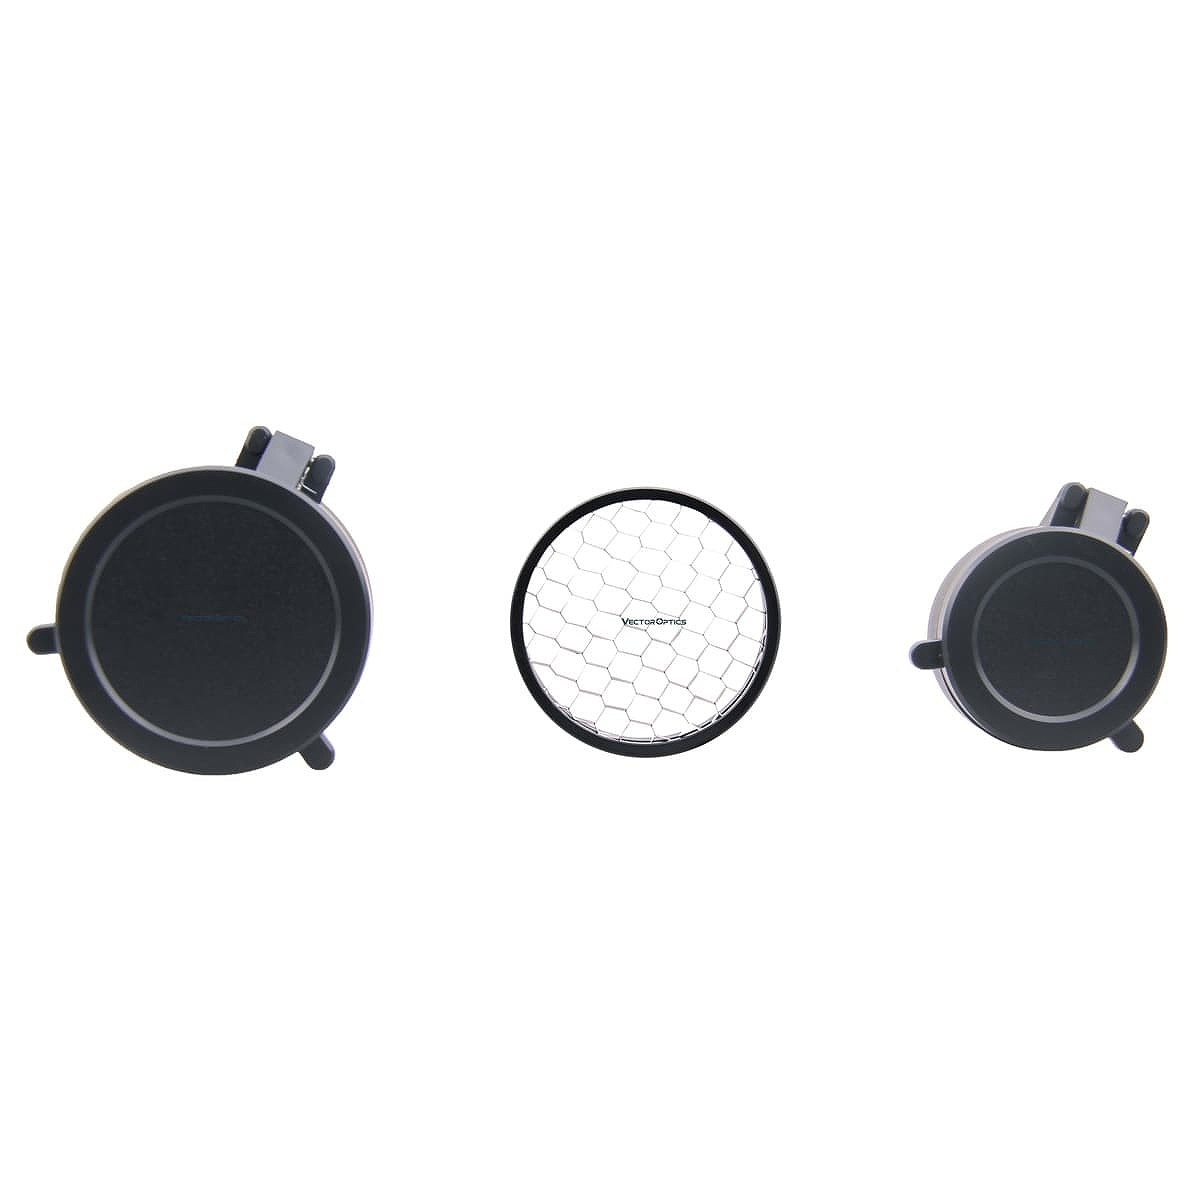 【お届け予定日: 6月30日】ベクターオプティクス ライフルスコープ Veyron 3-12x44FFP  Vector Optics SCFF-21